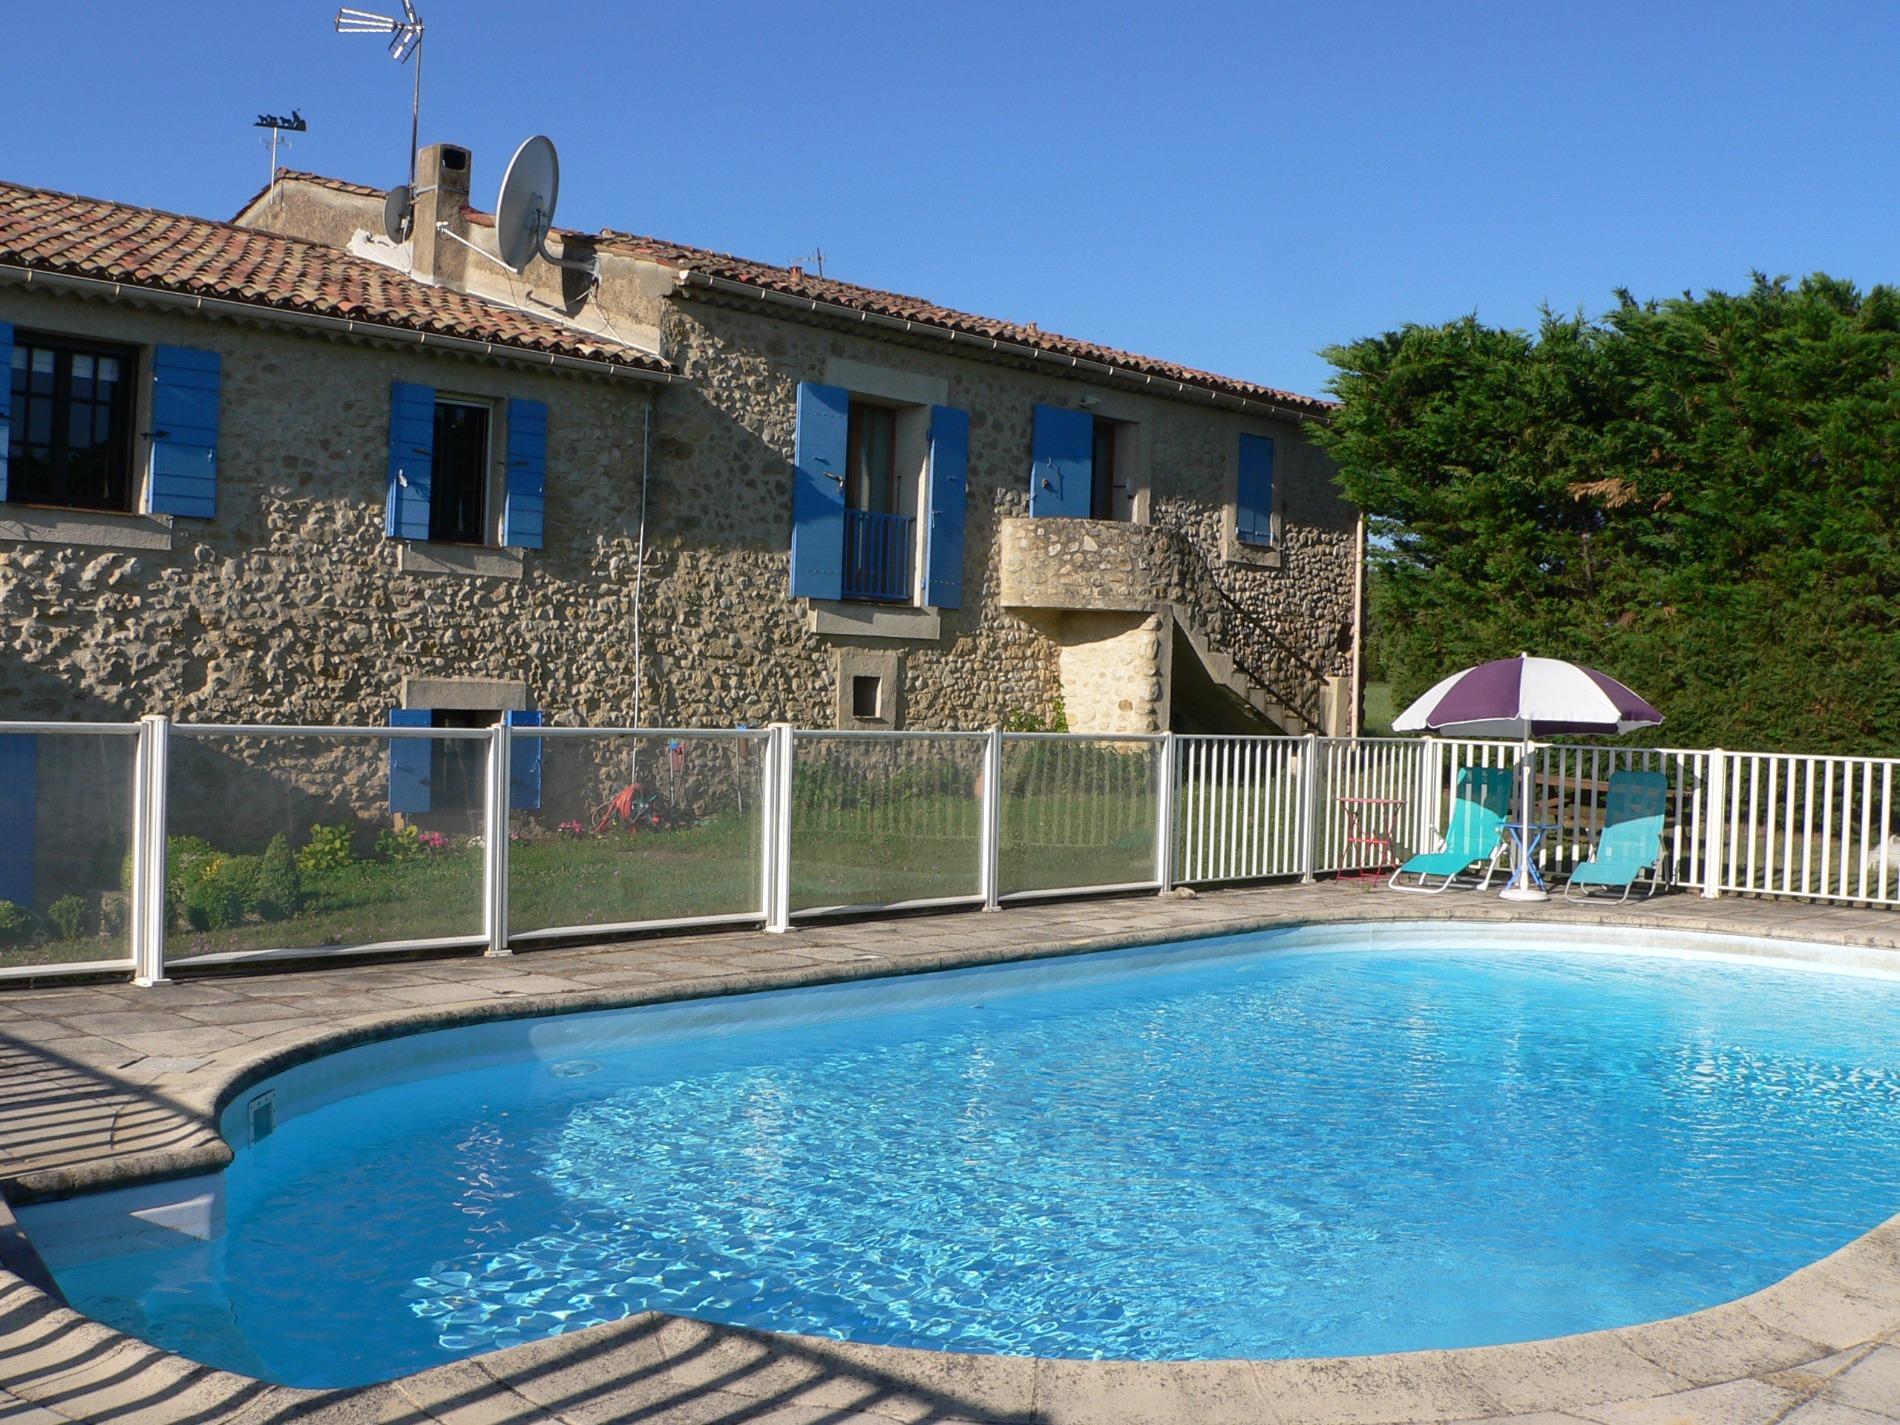 Location de vacances Appartement Mirabeau 84120